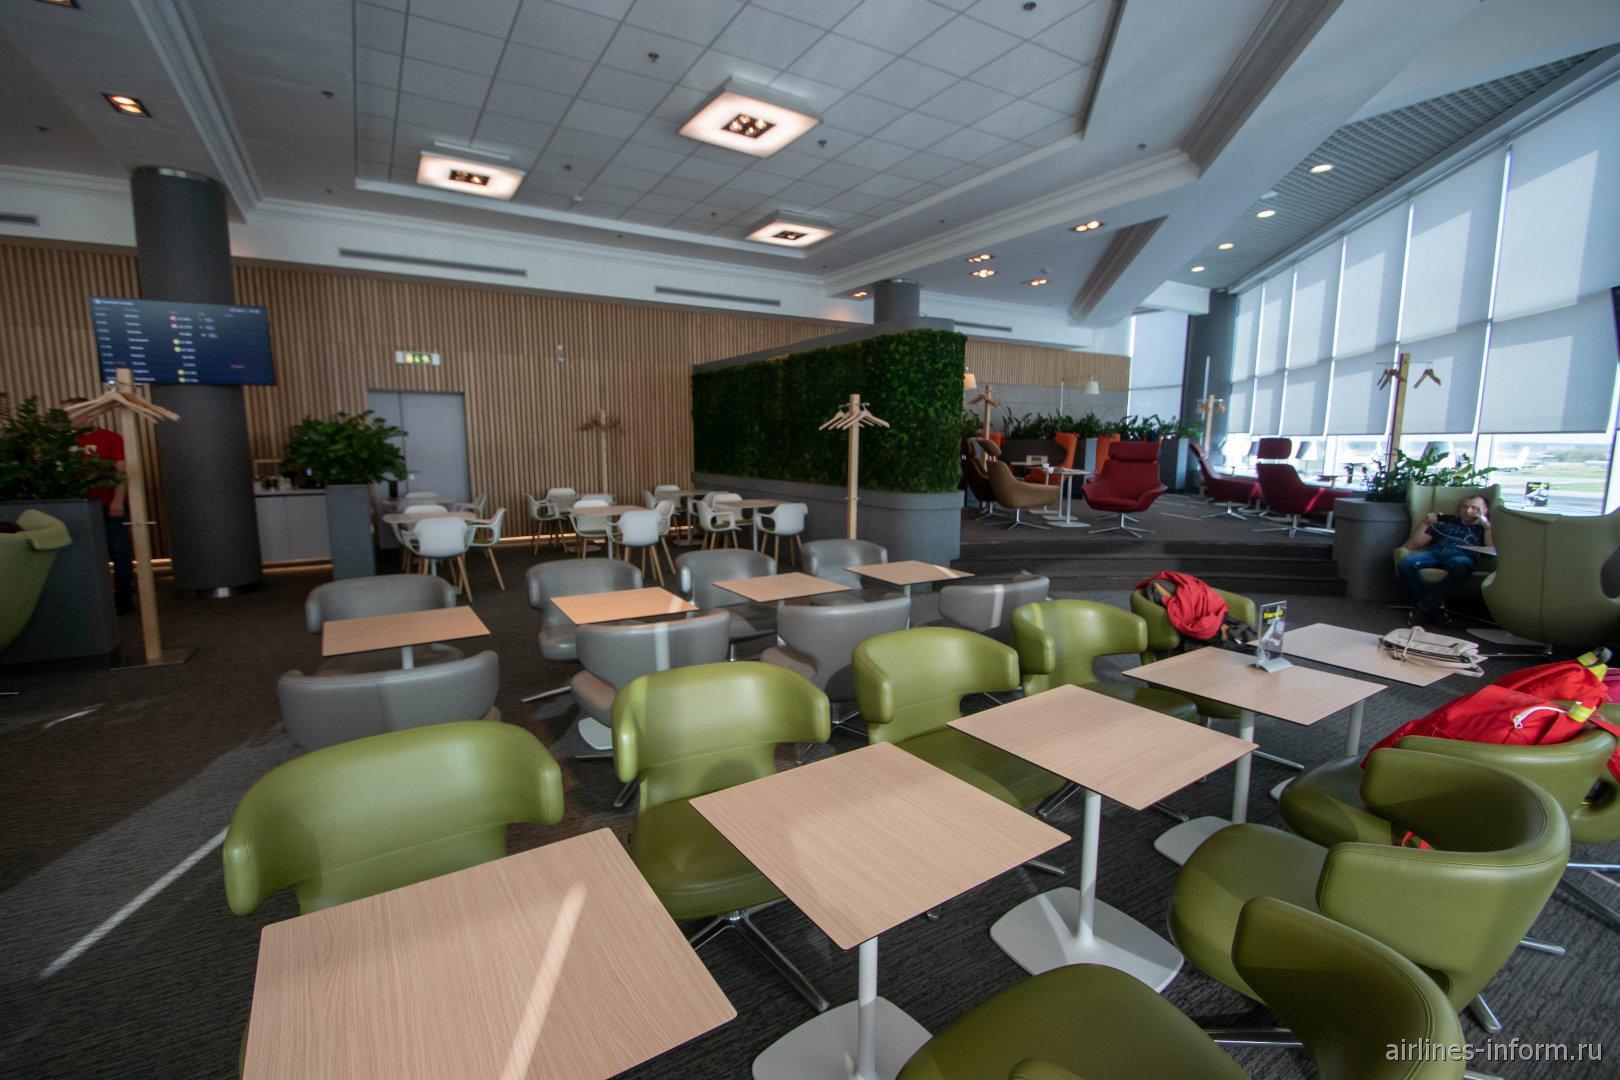 Бизнес-зал S7 в аэропорту Москва Домодедово